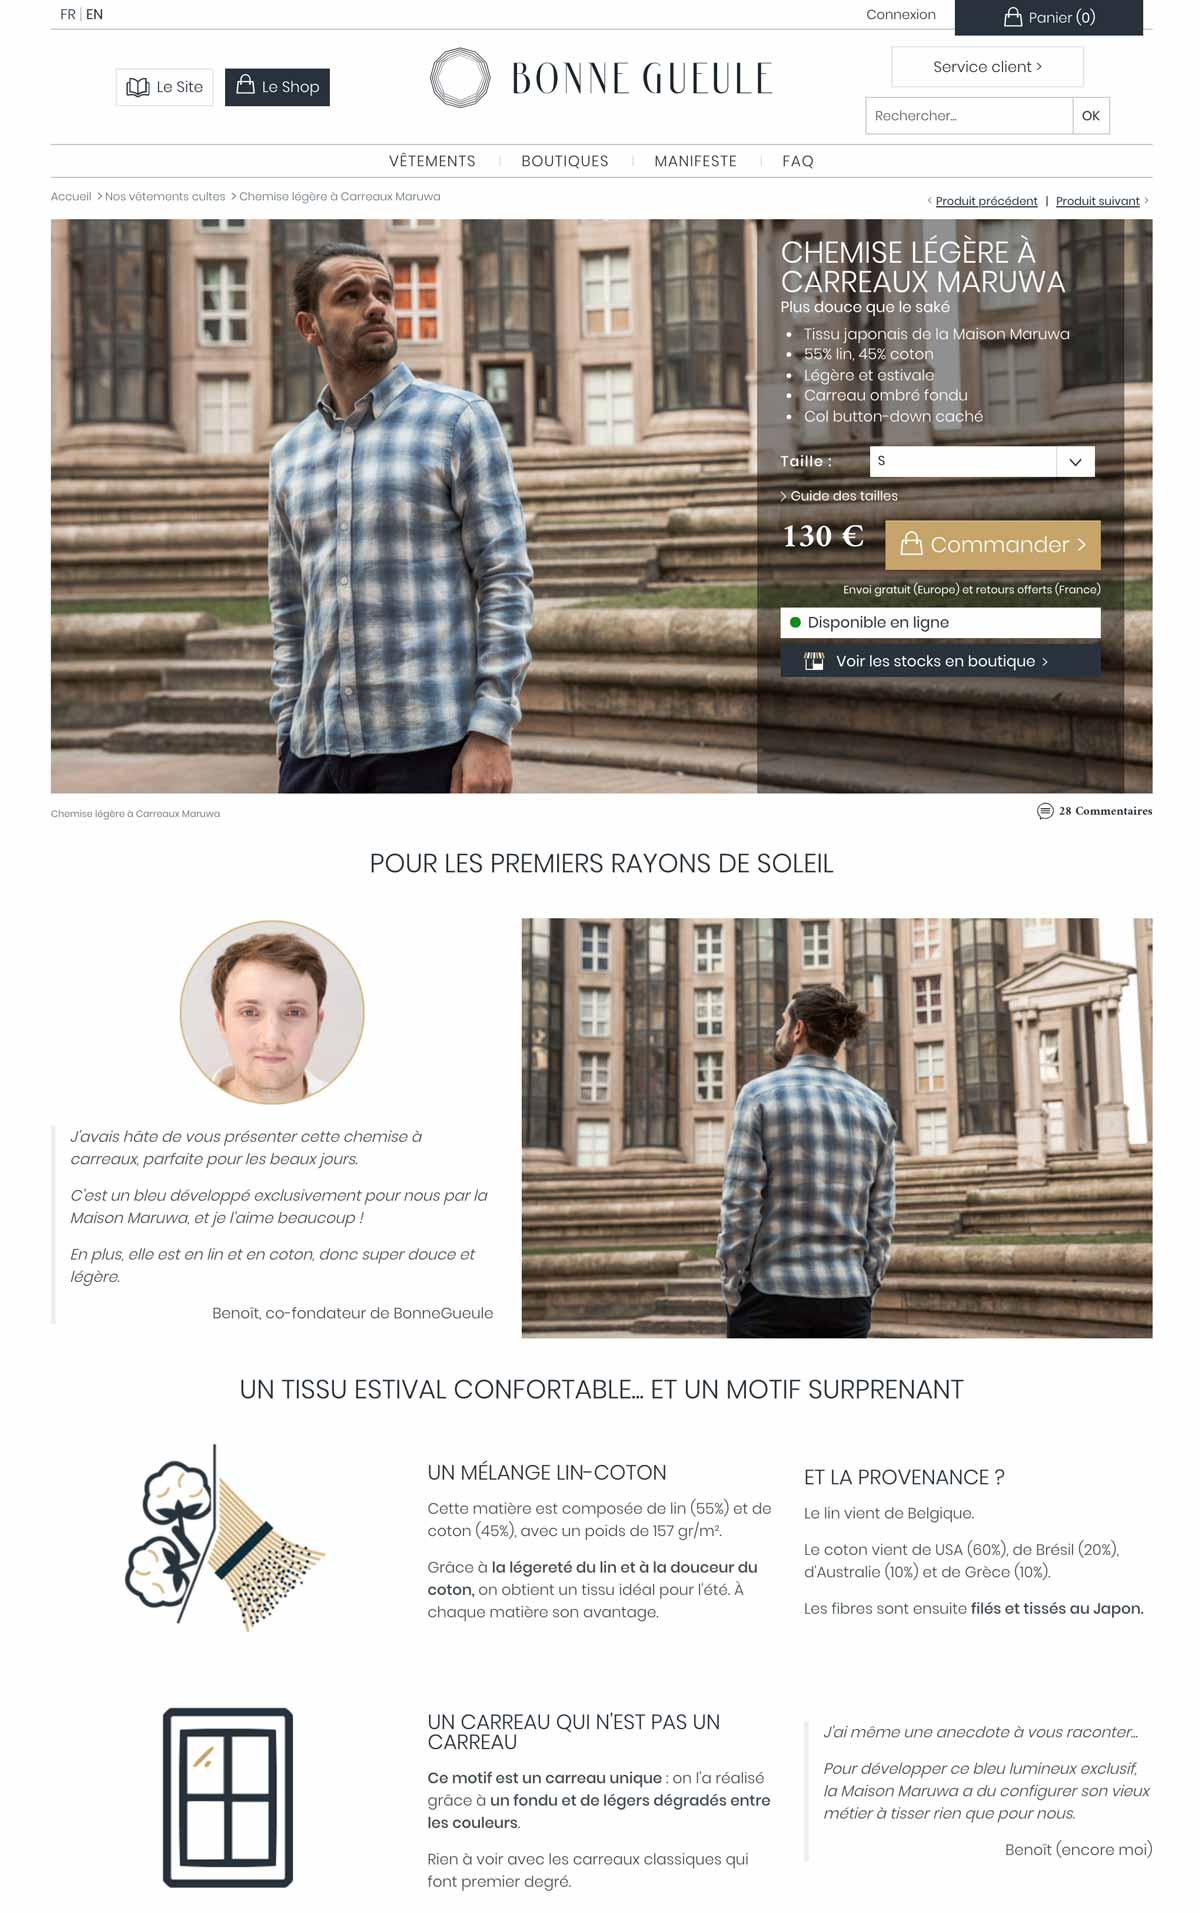 Página de producto de moda que convierte mucho